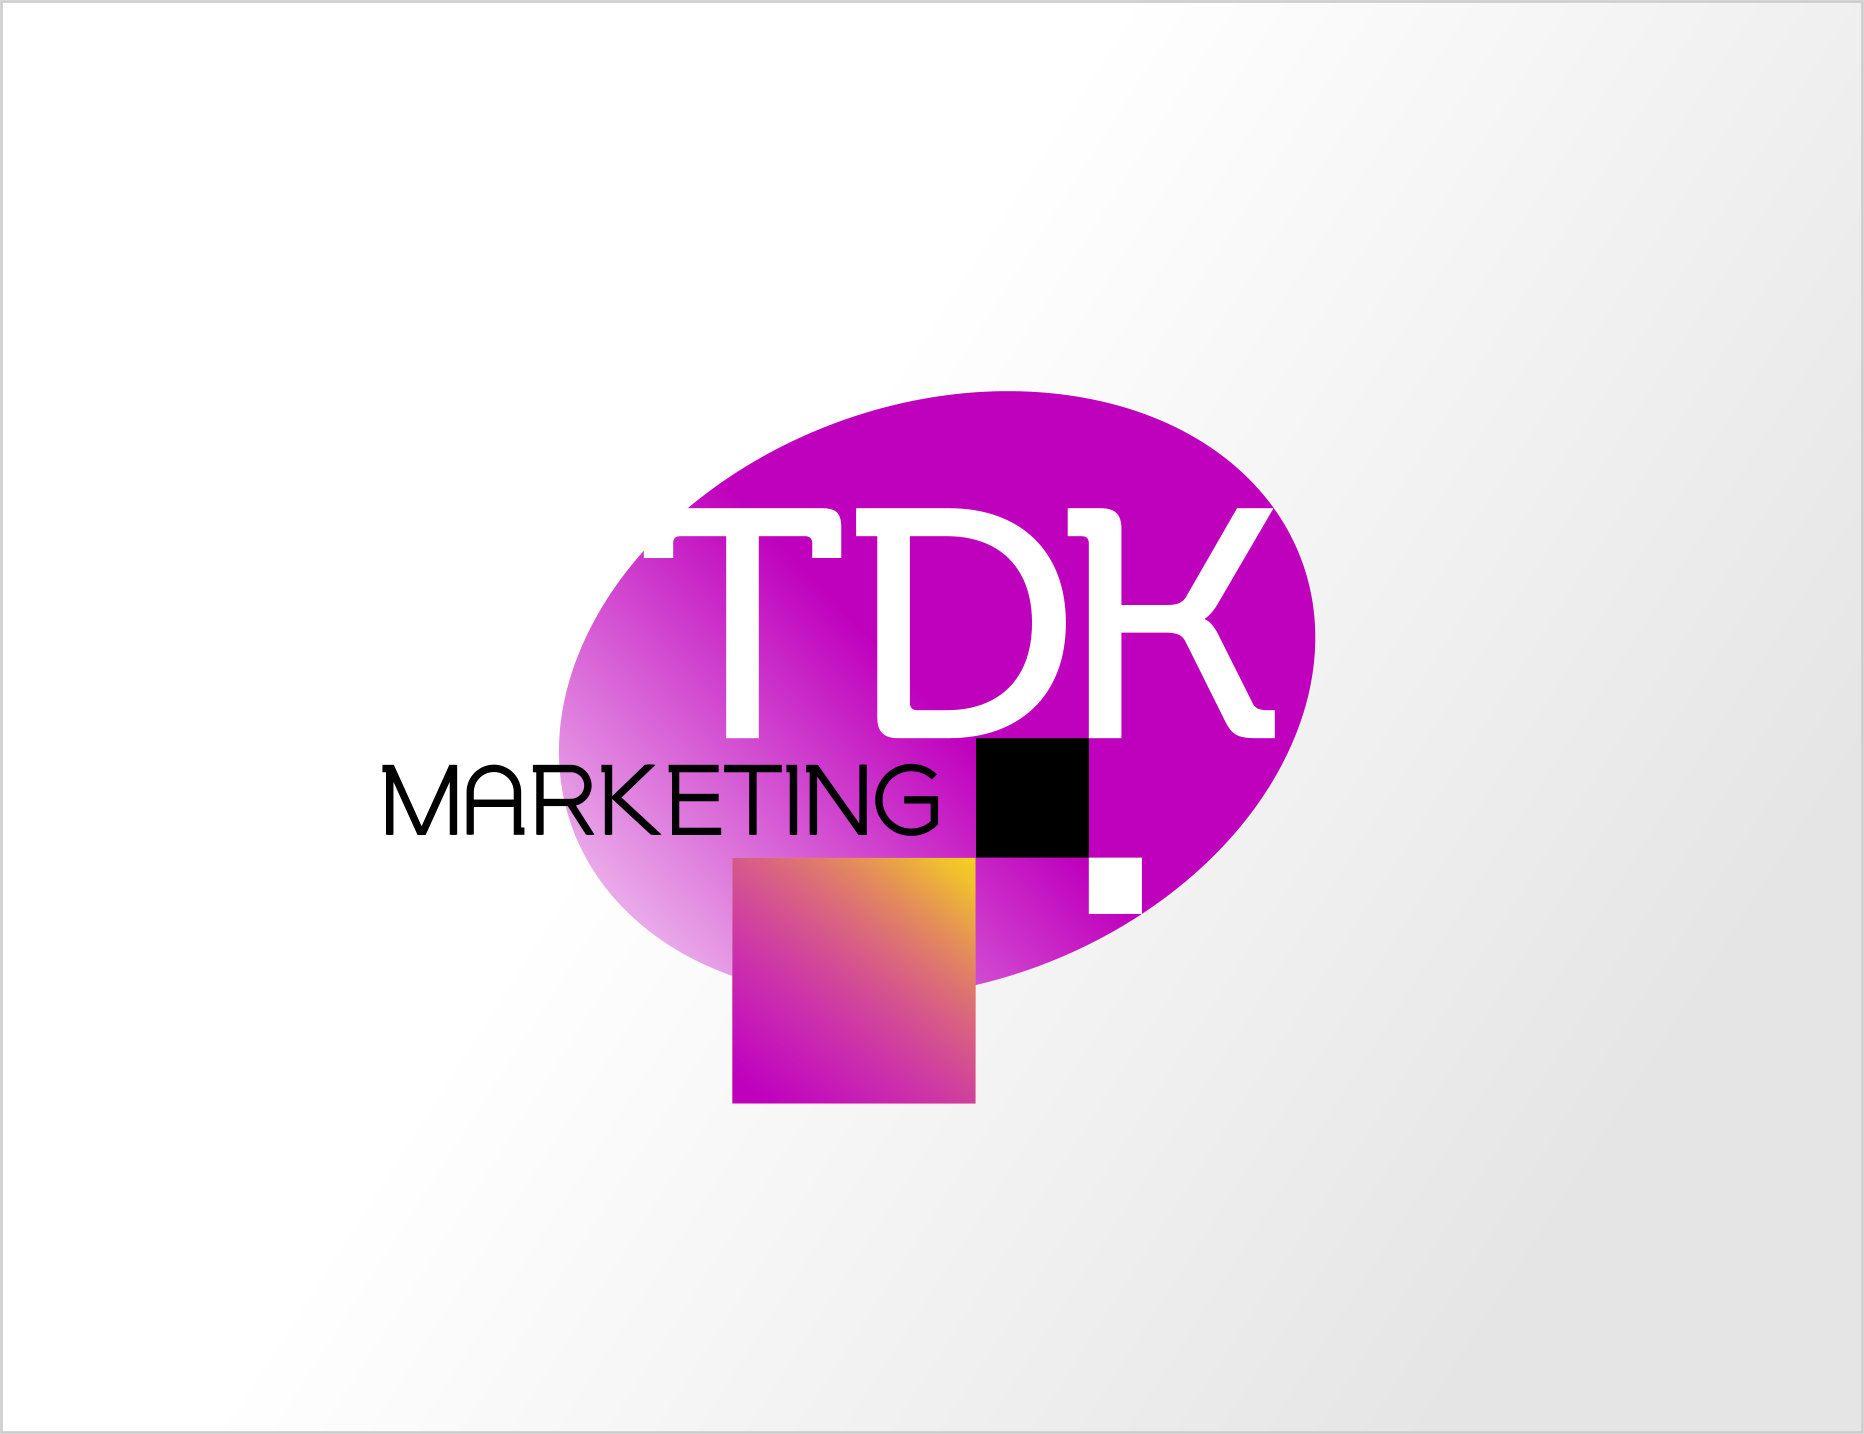 Лого и фирменный стиль для ТДК Маркетинг - дизайнер antan222